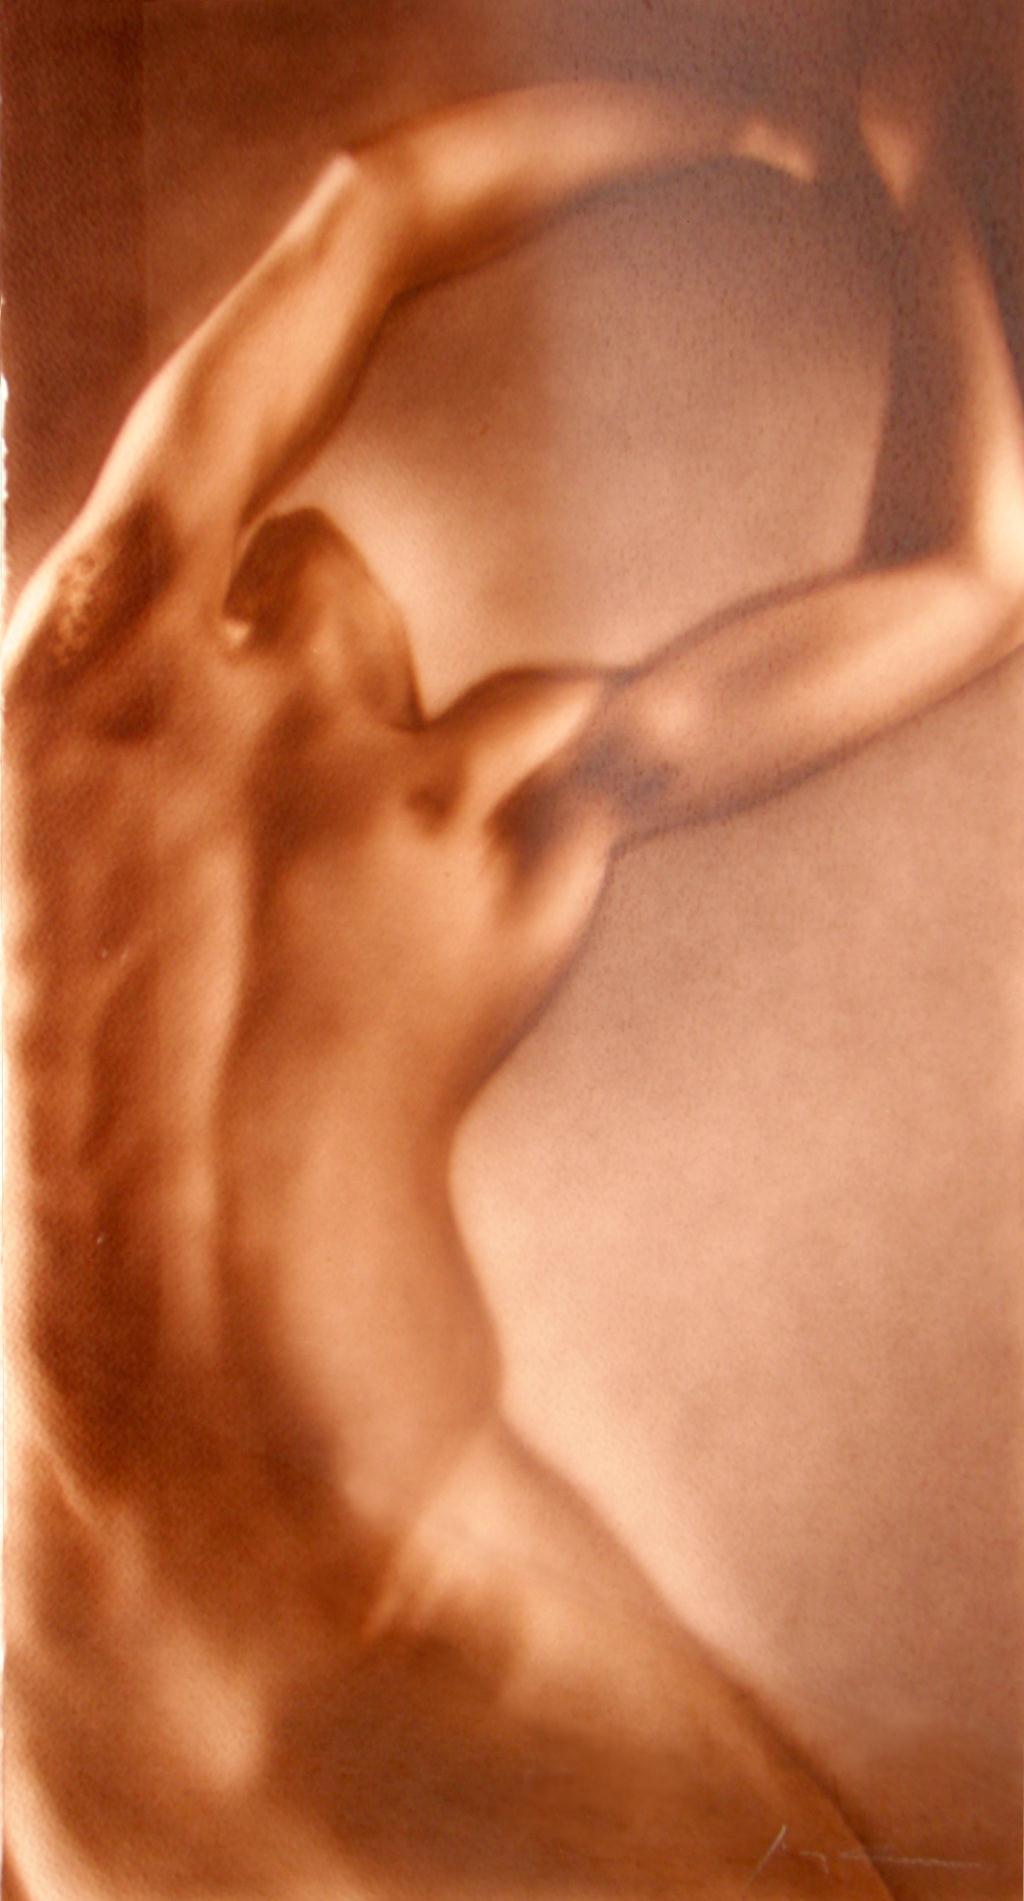 torso (1024x768)